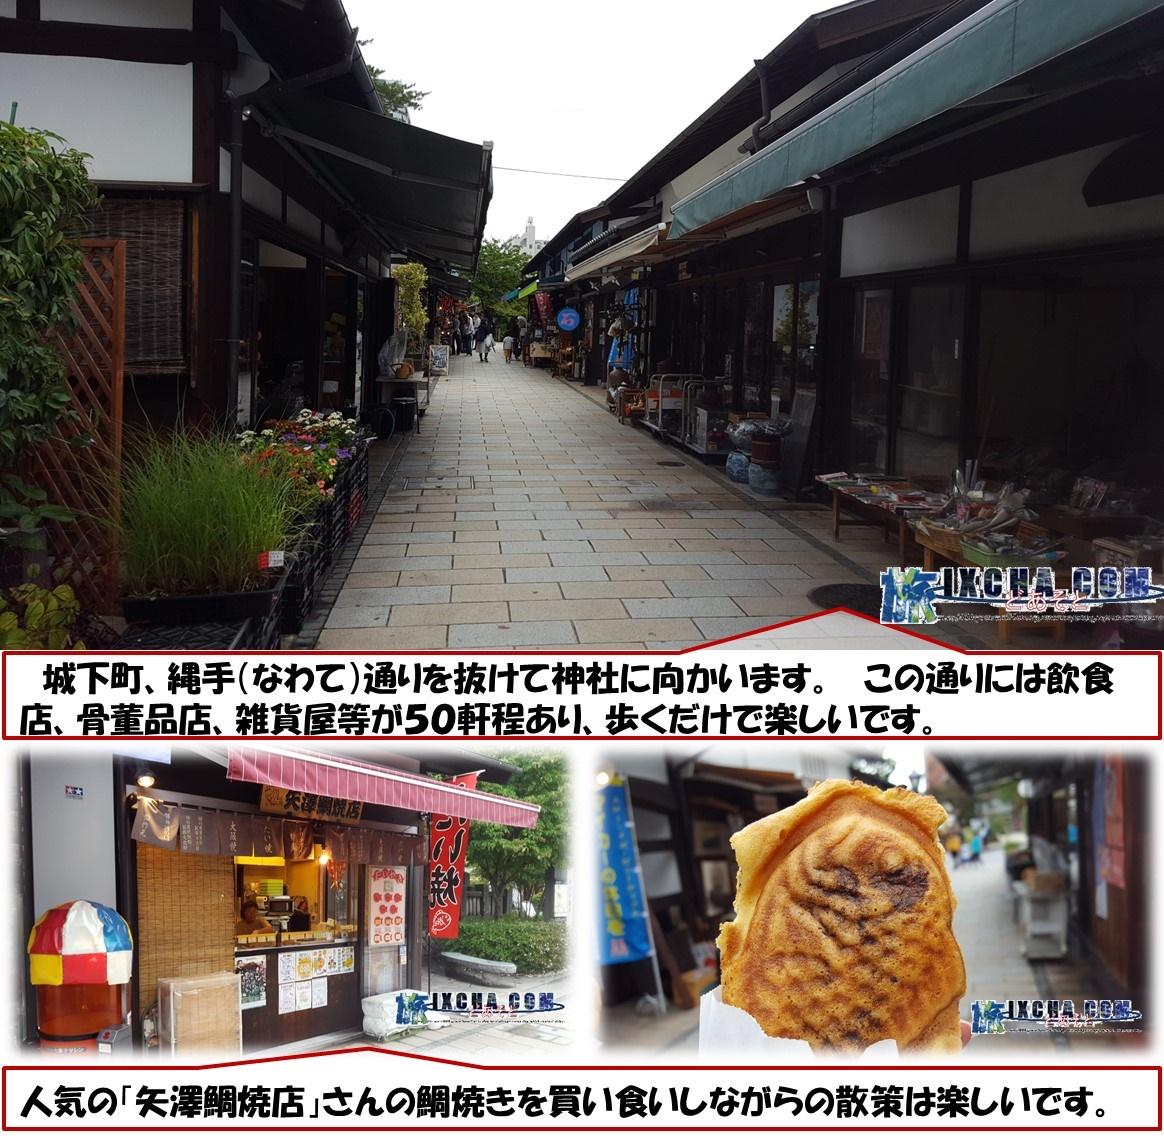 城下町、縄手(なわて)通りを抜けて神社に向かいます。 この通りには飲食店、骨董品店、雑貨屋等が50軒程あり、歩くだけで楽しいです。 人気の「矢澤鯛焼店」さんの鯛焼きを買い食いしながらの散策は楽しいです。